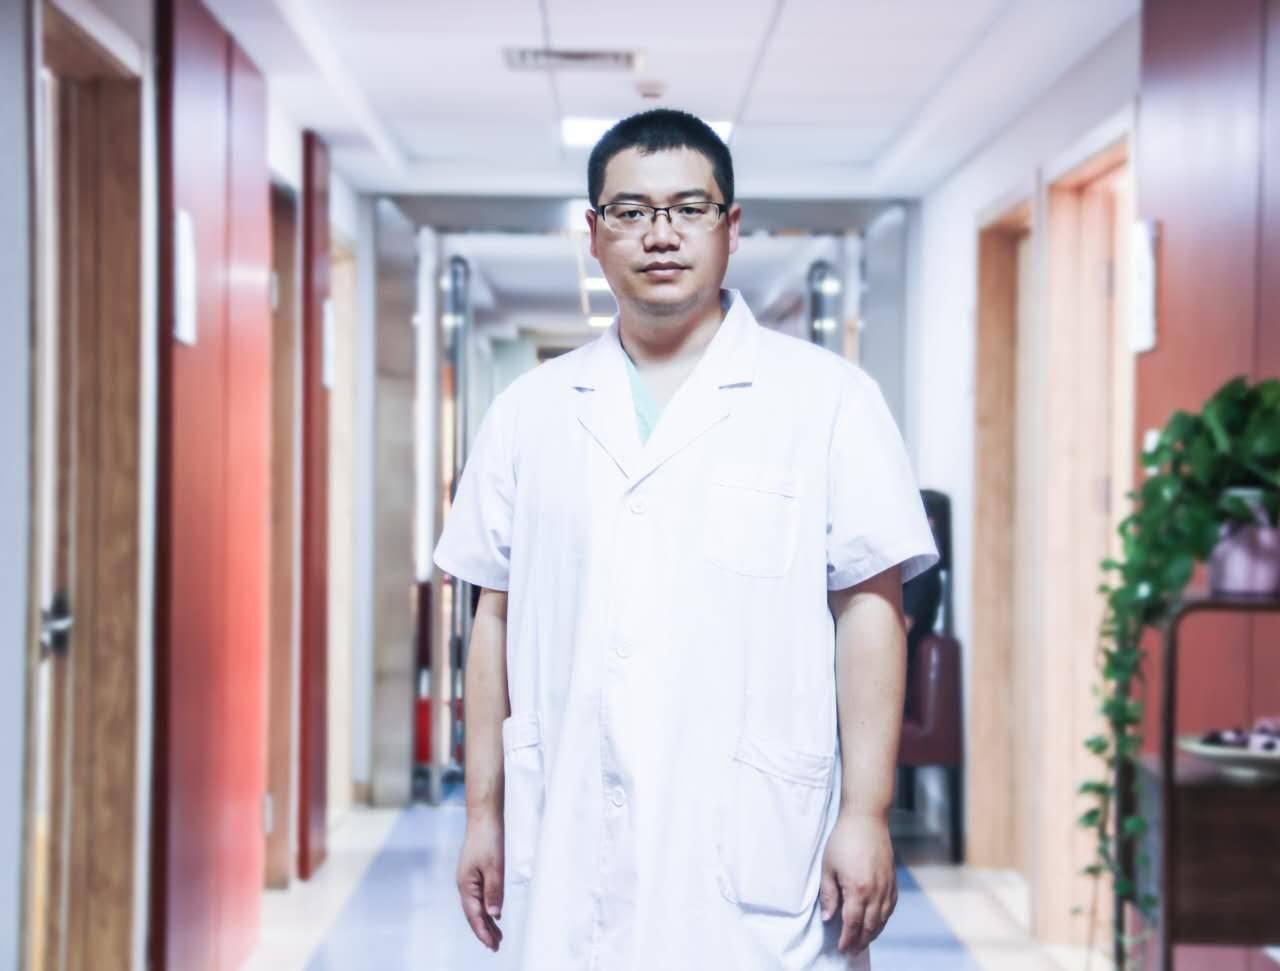 高亚东医生